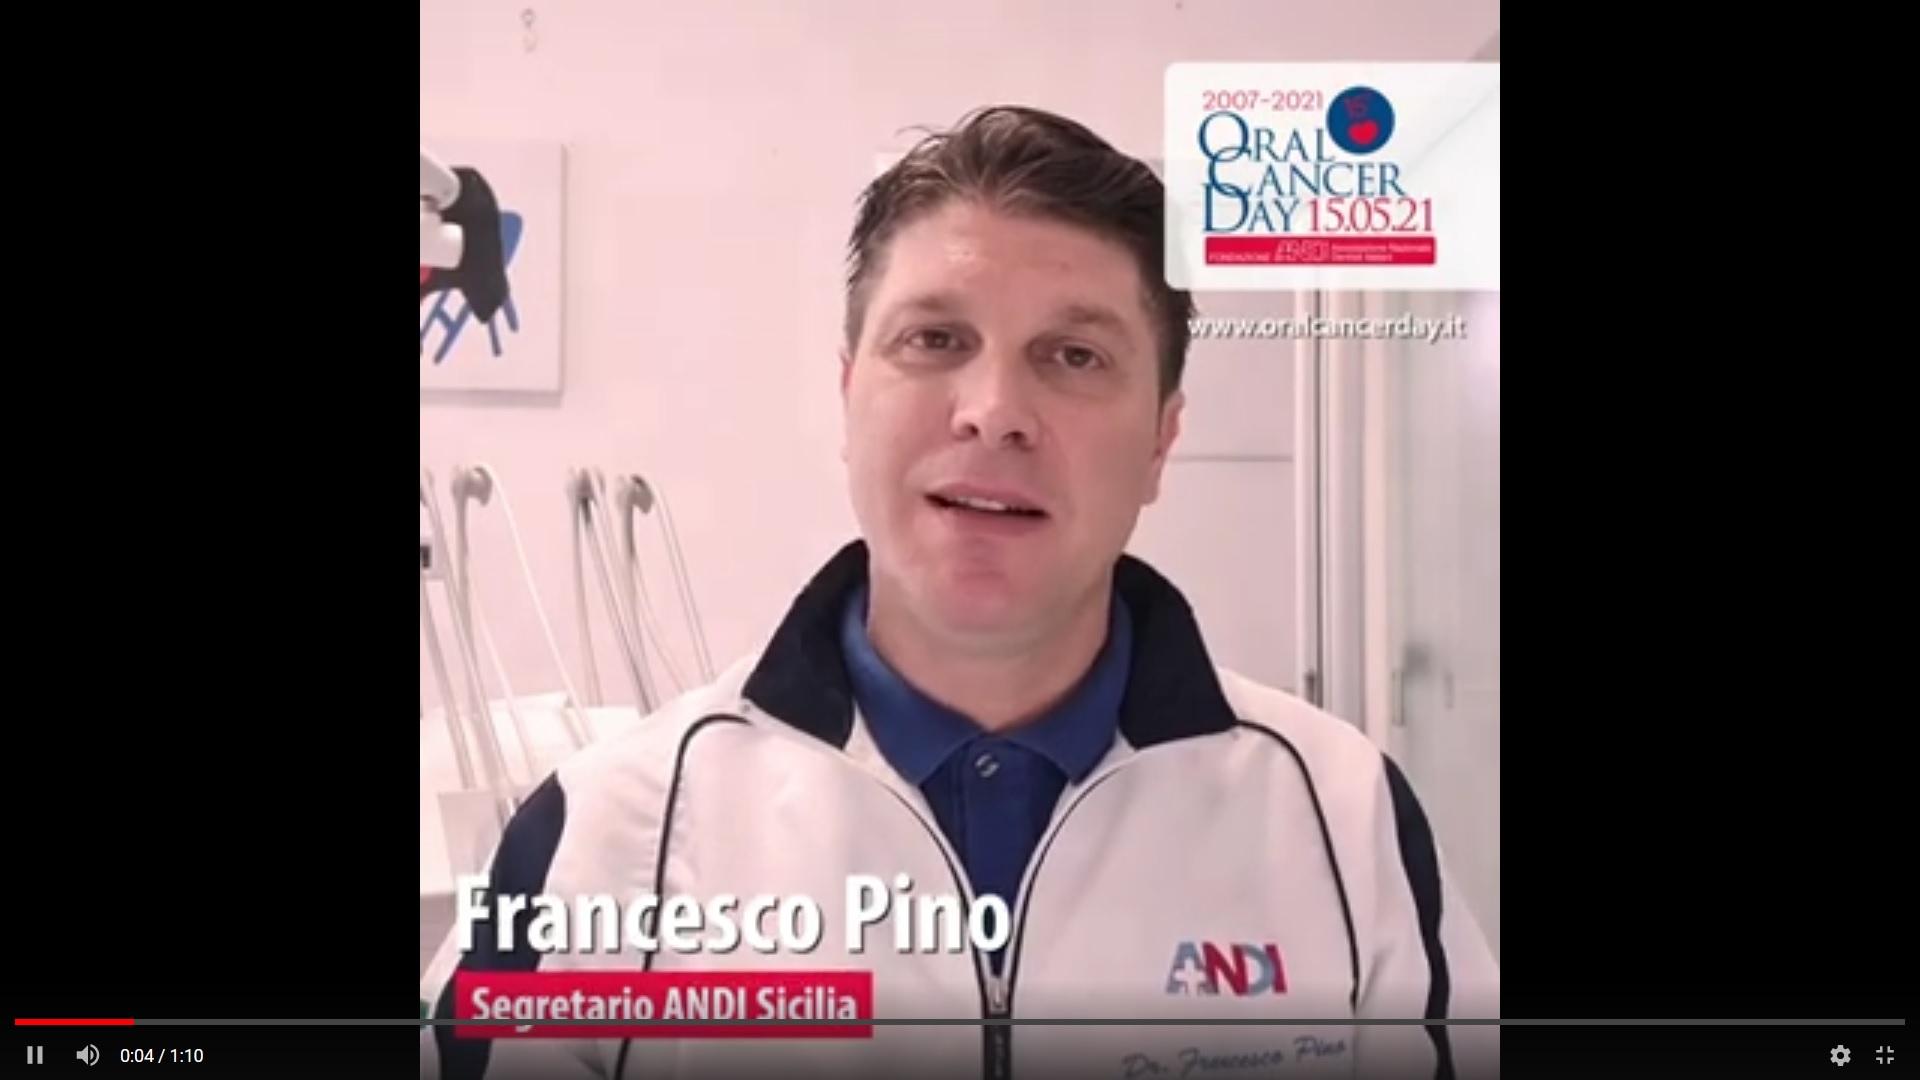 screen pino Video appello OCD 2021 - Francesco Pino